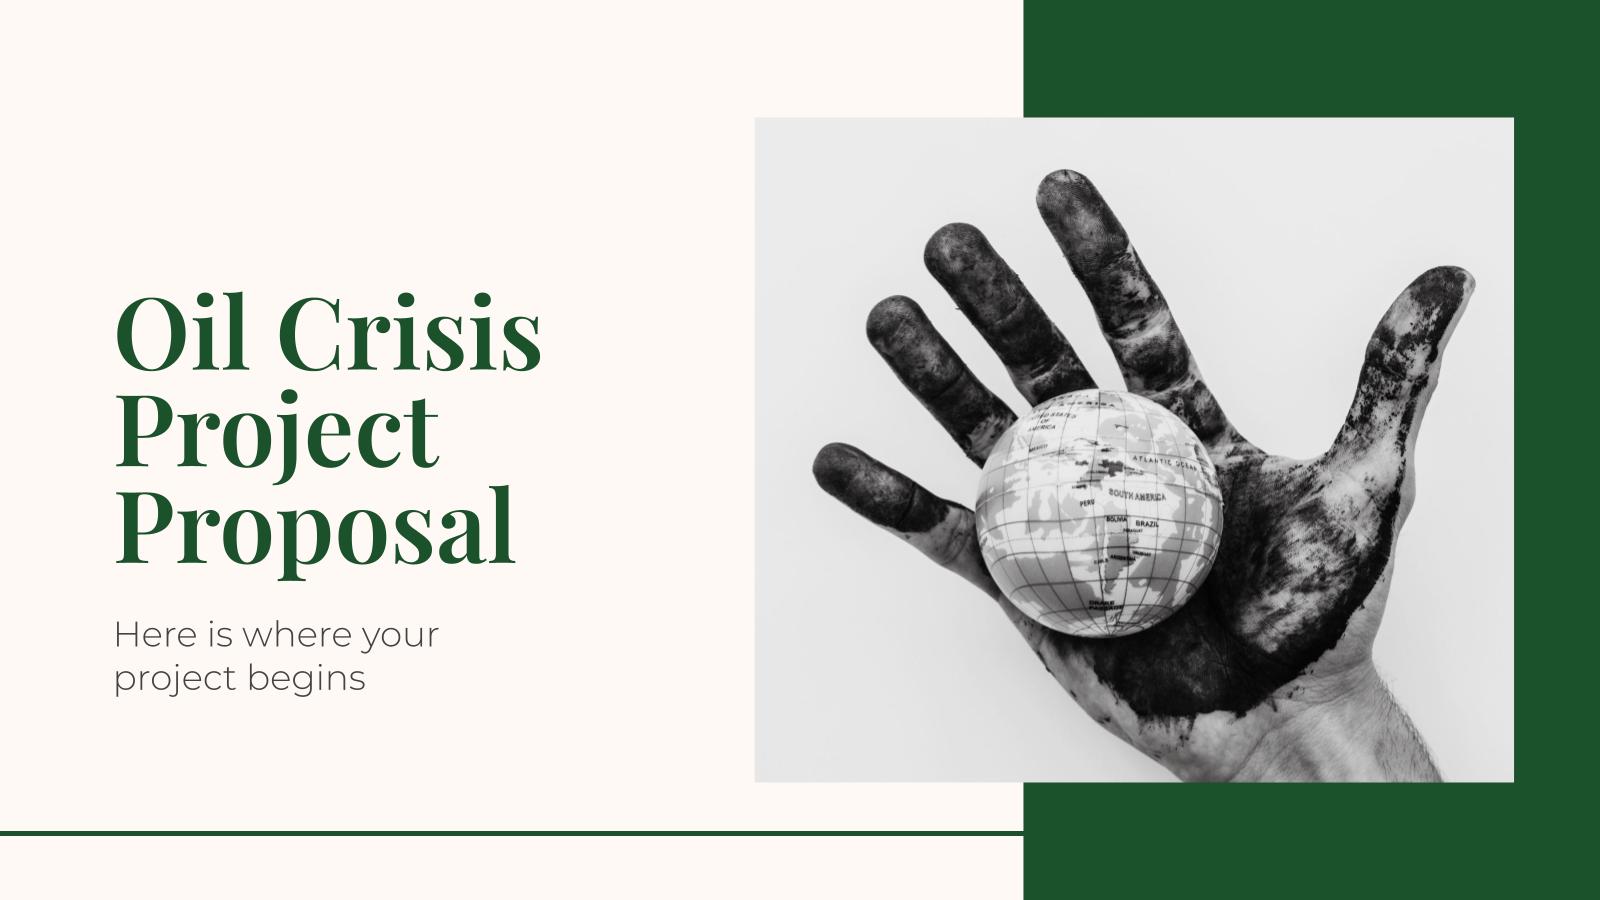 Proposition de projet sur la crise pétrolière : Modèles de présentation